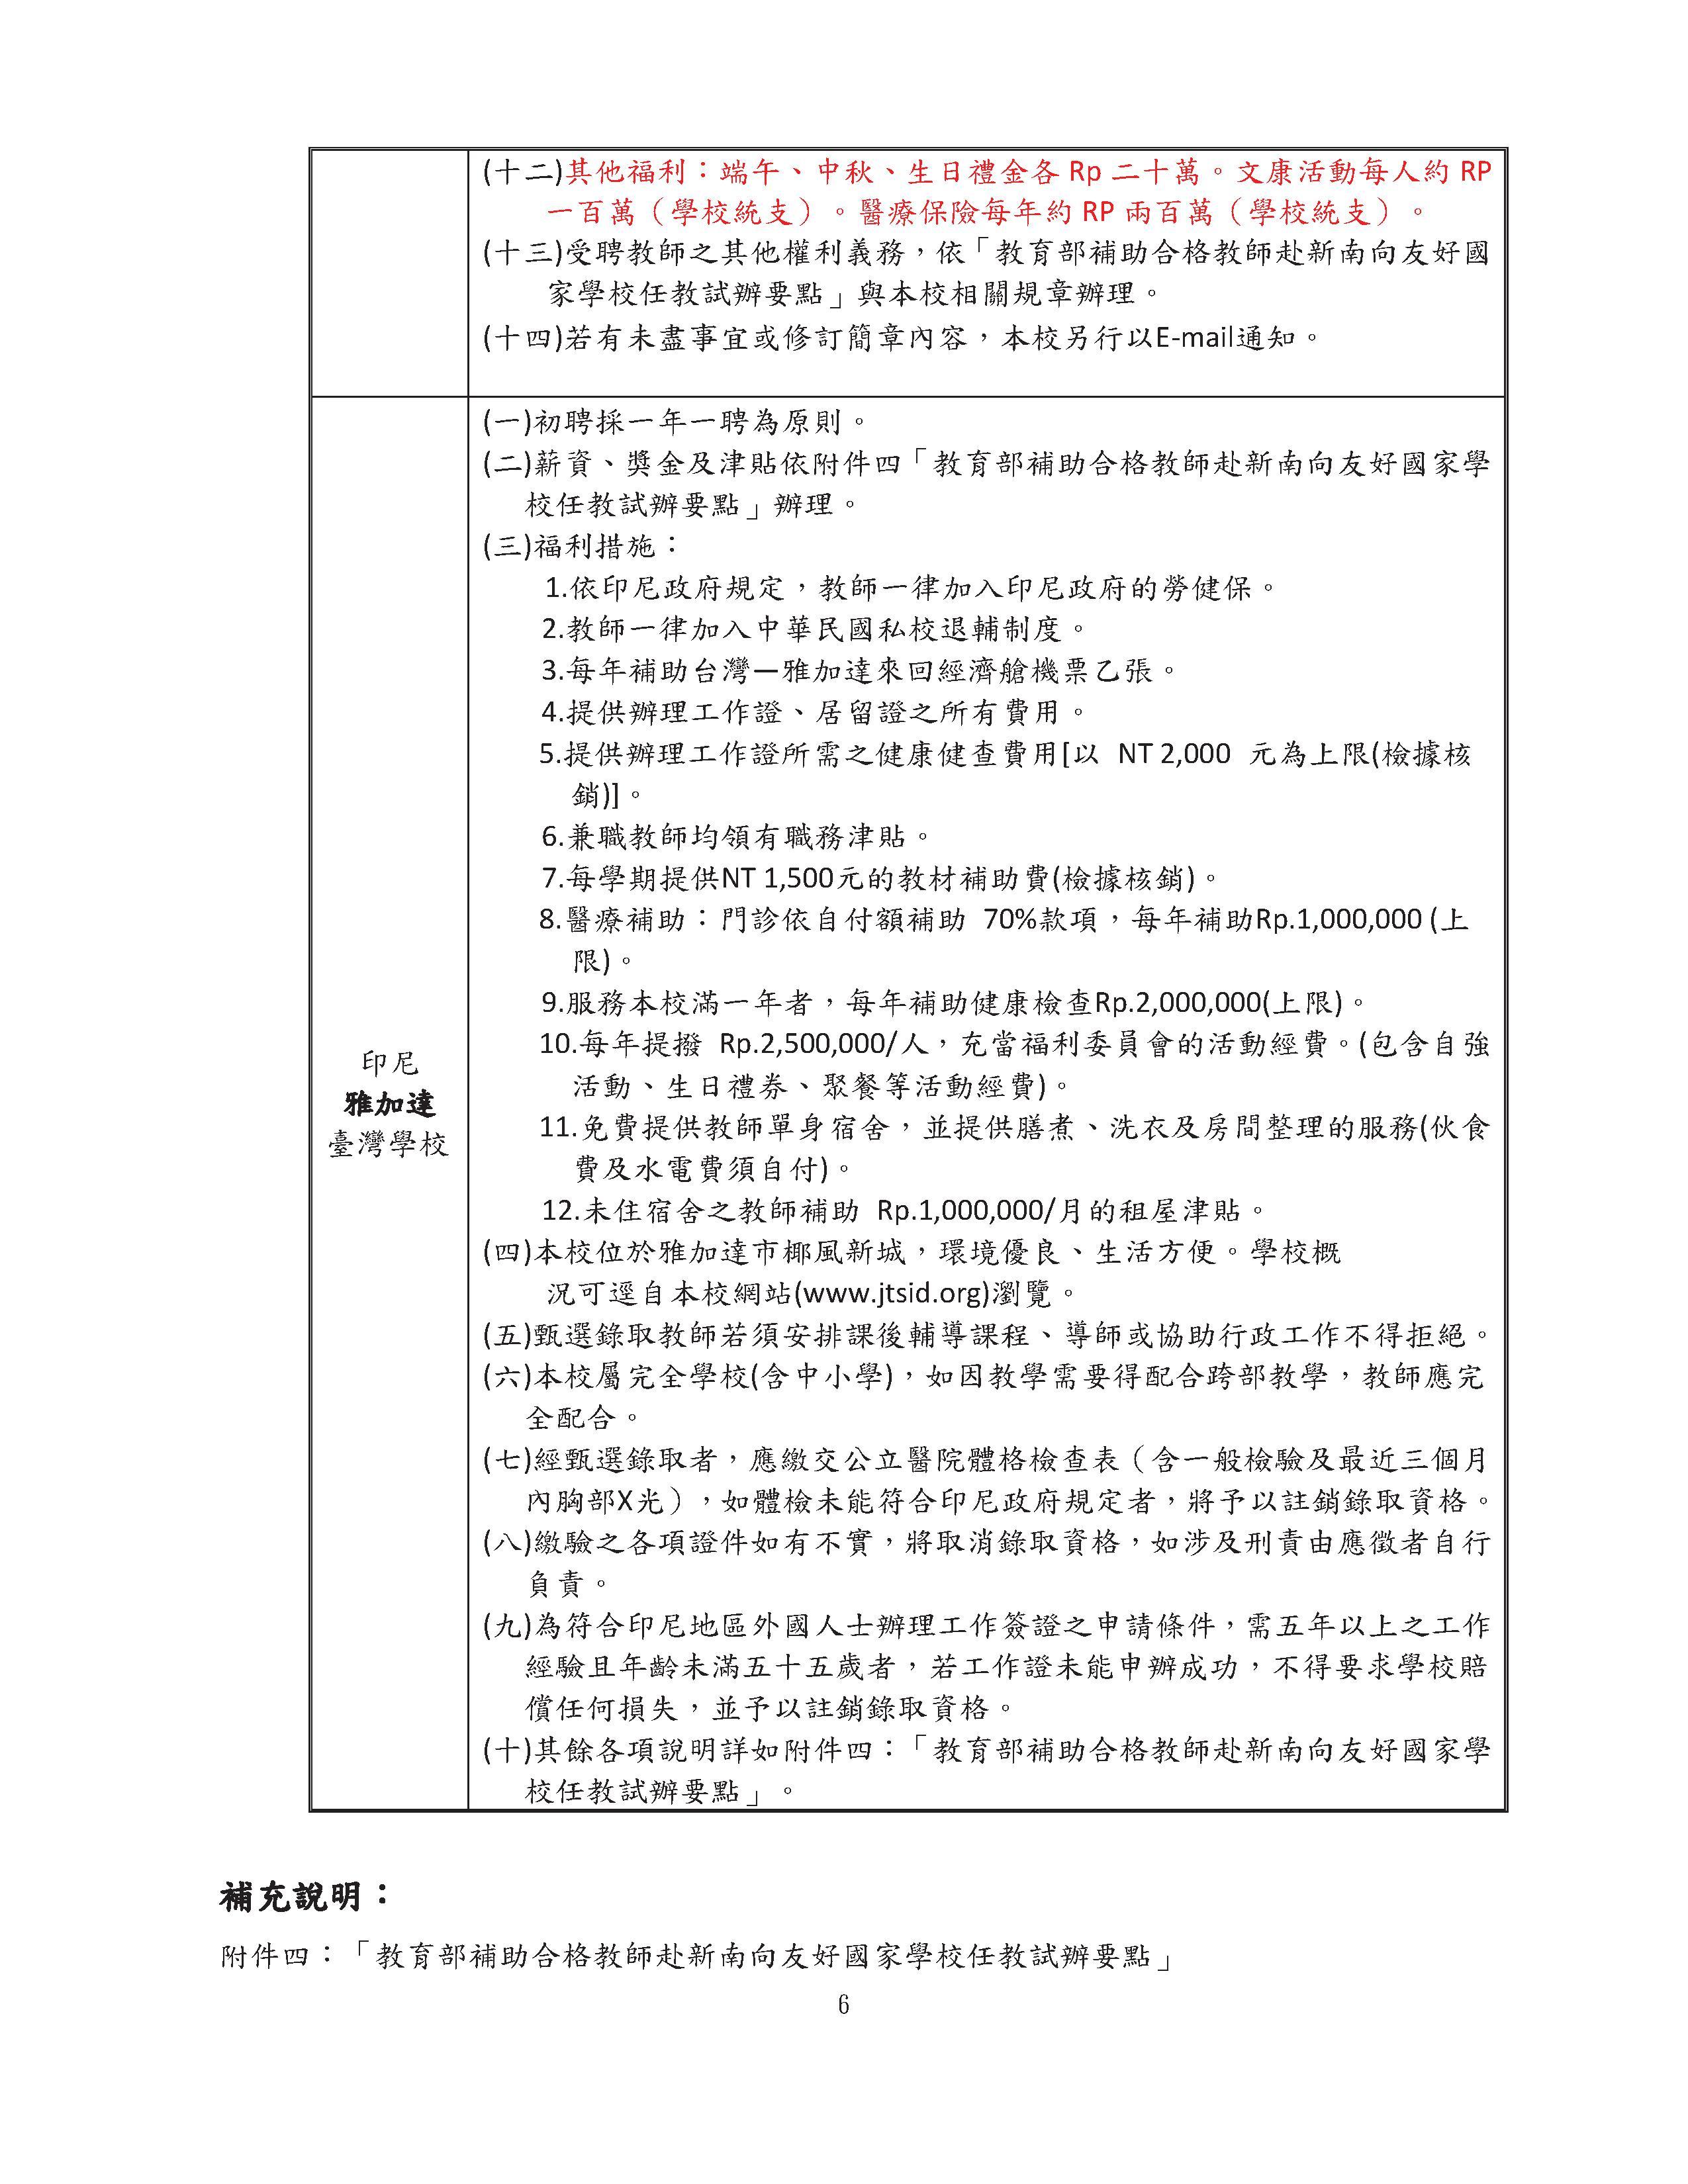 (公告版)108學年徴聘教師甄選簡章(四所臺校聯合招聘).pdf0005